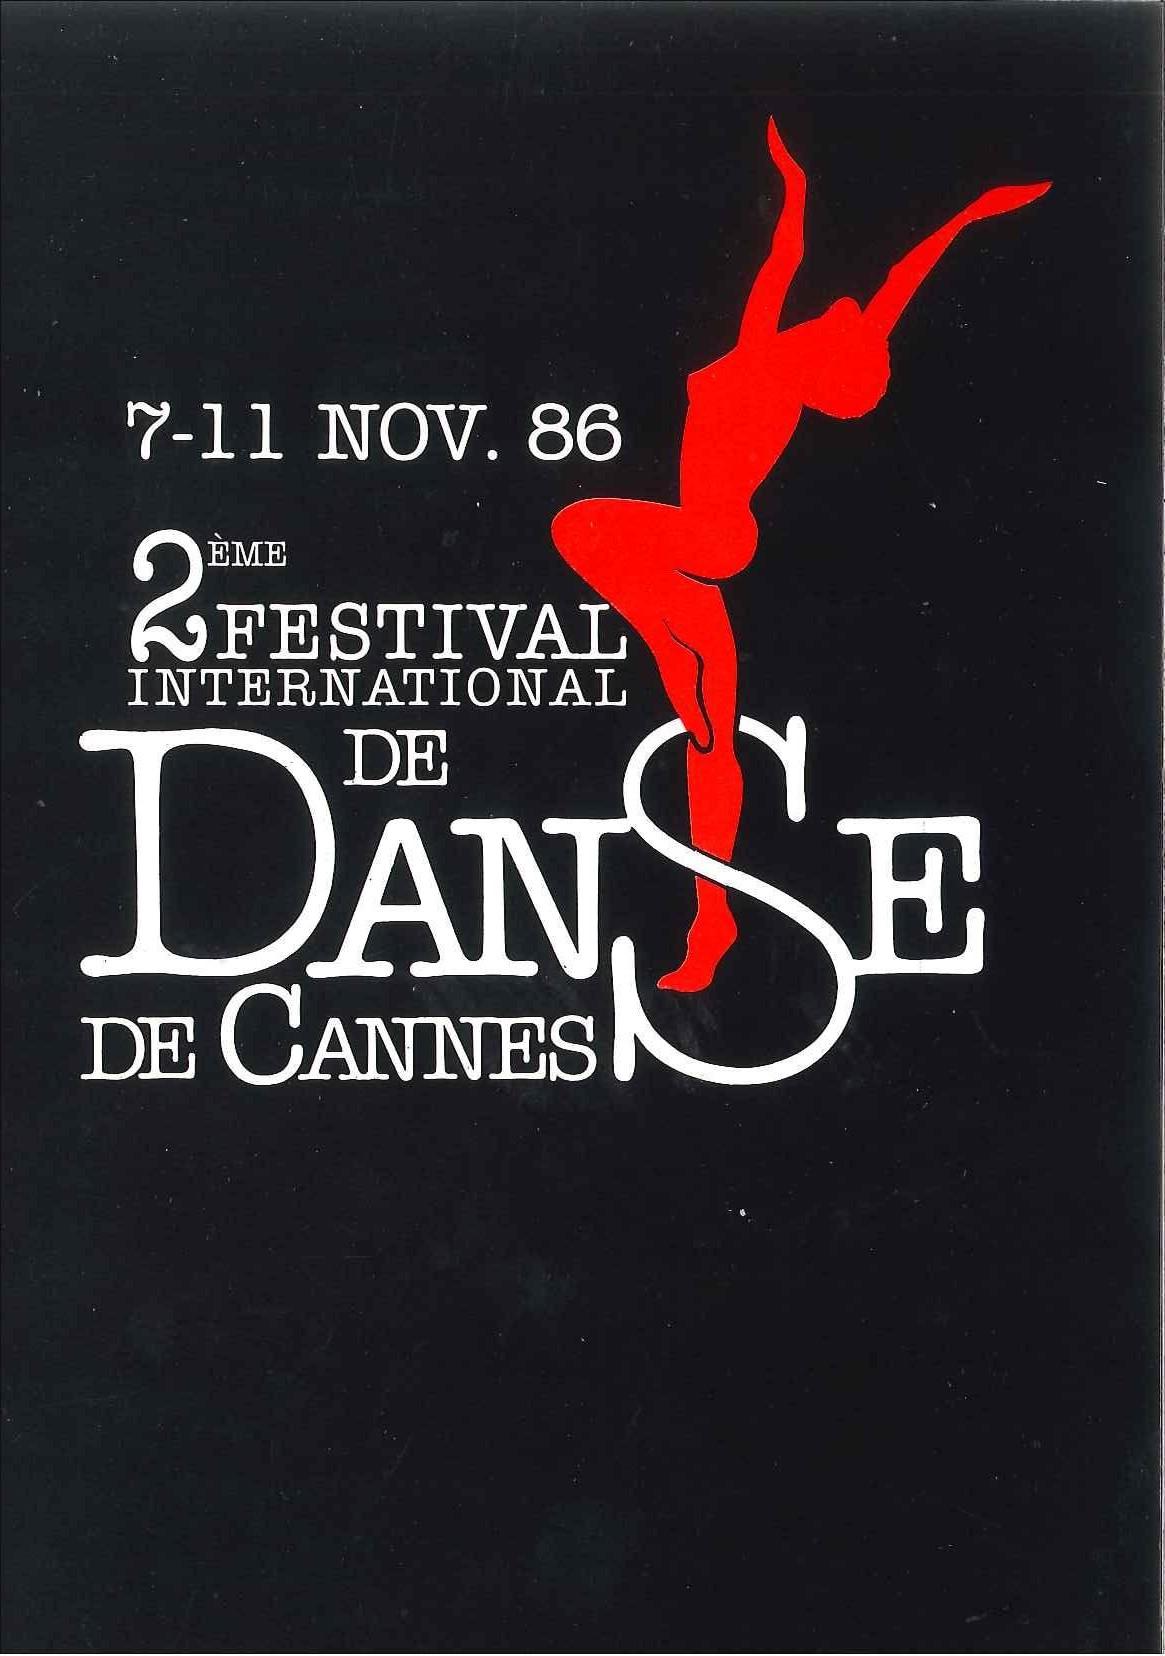 Festival de Danse Cannes 1986